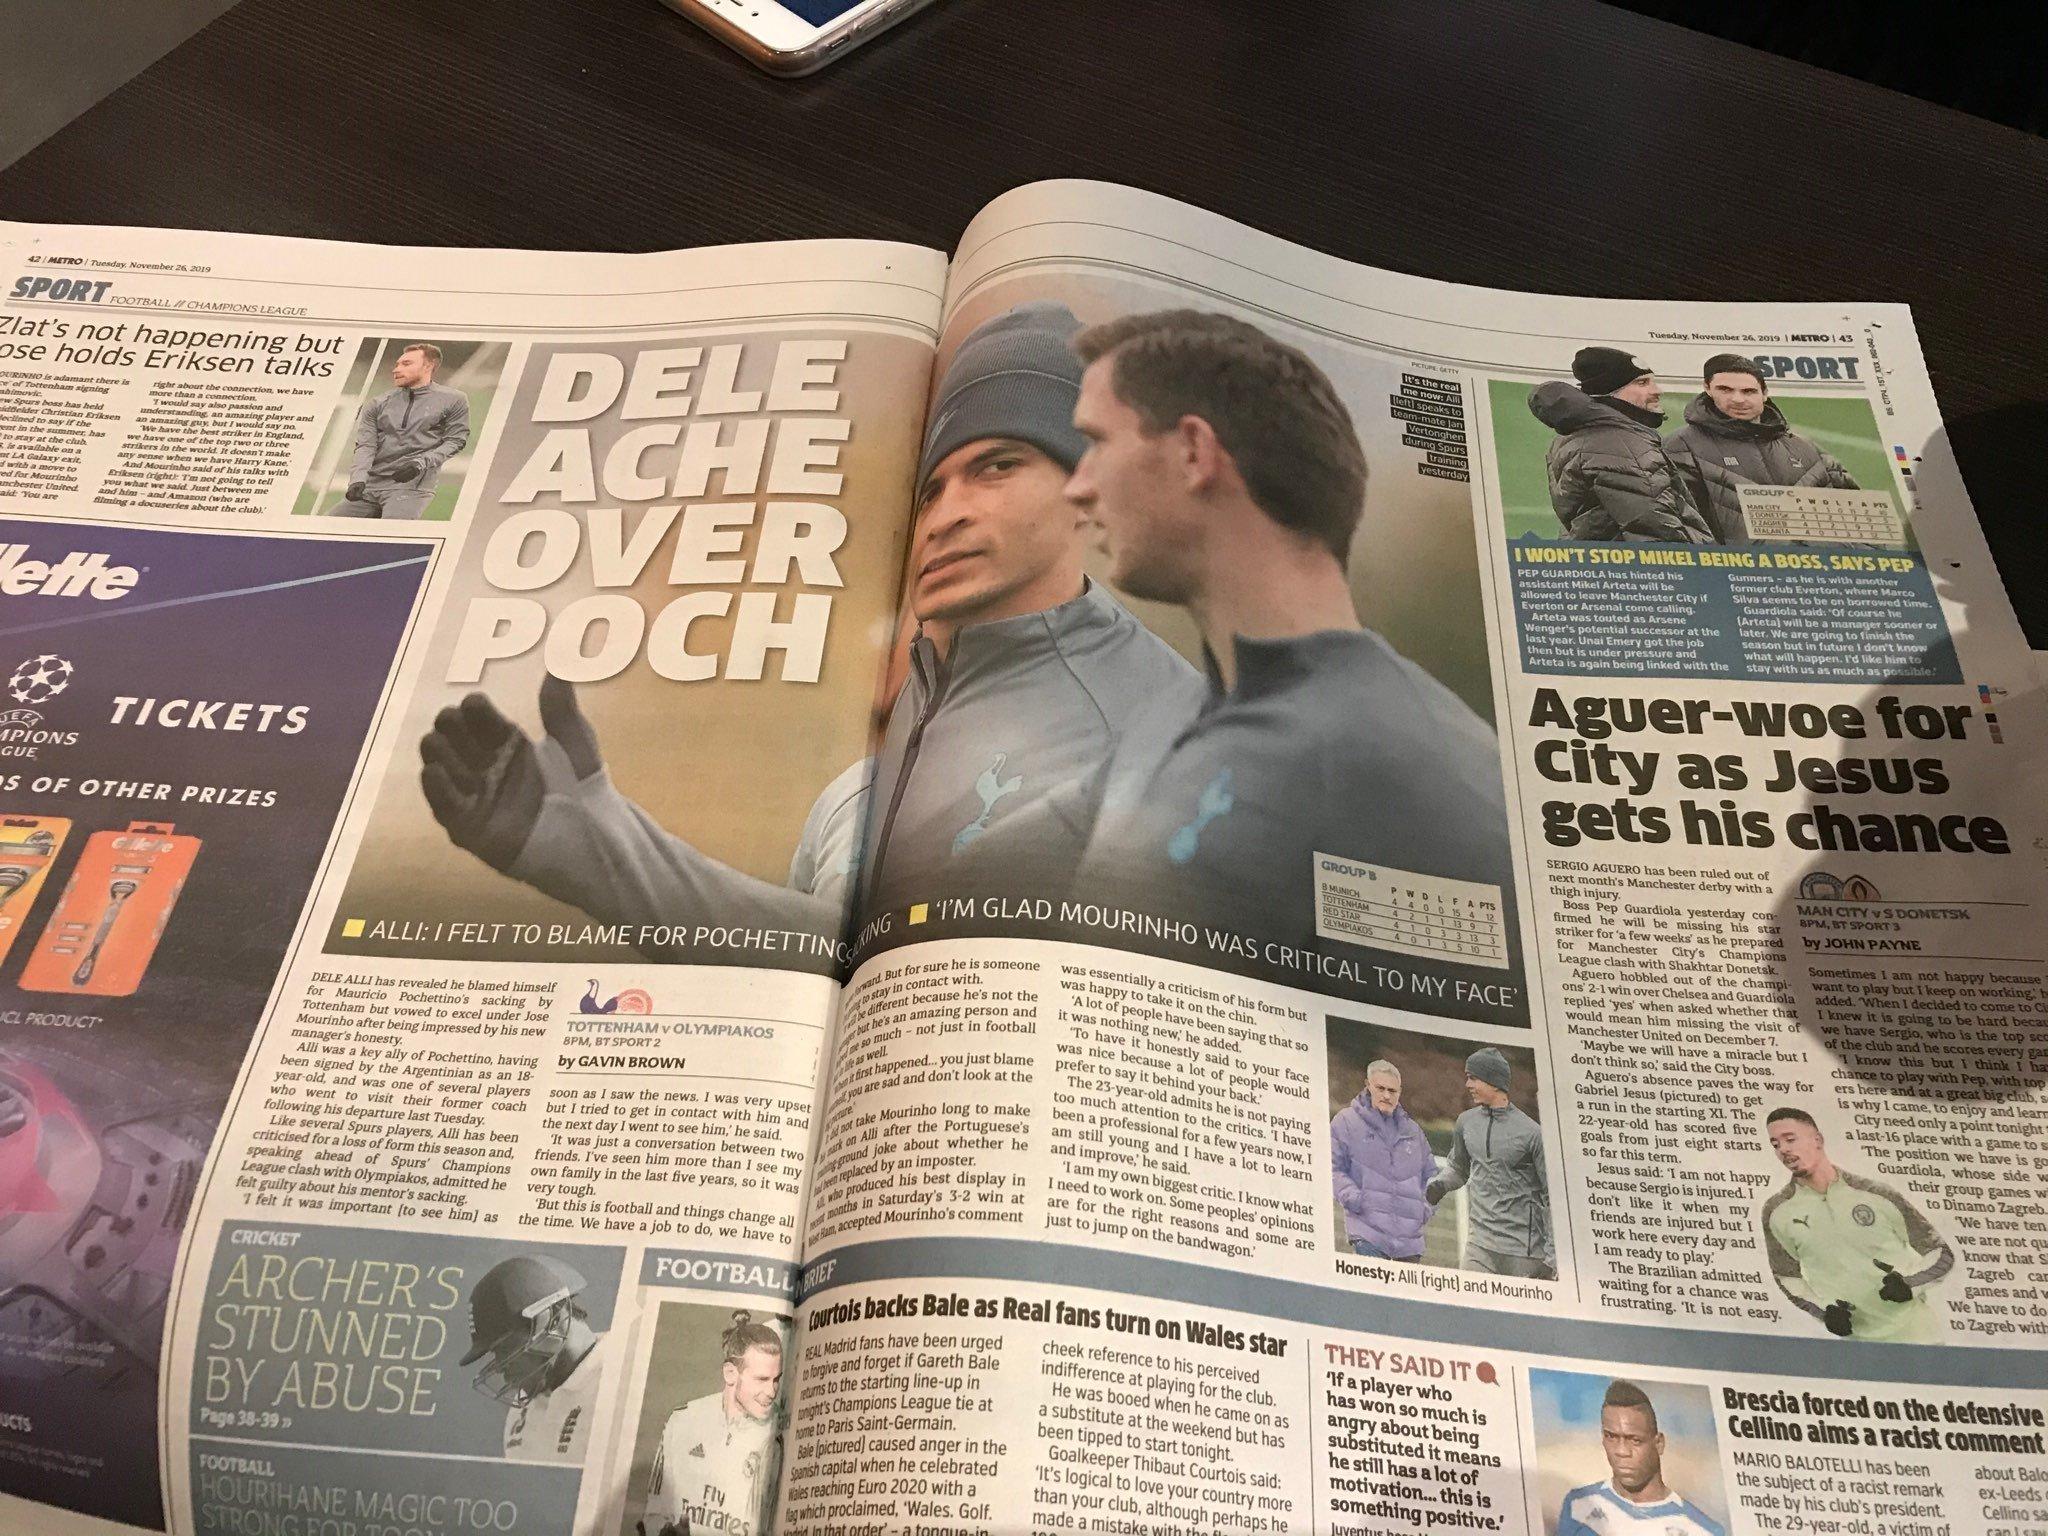 """В тени у """"особенного"""": матч """"Манчестер Сити"""" - """"Шахтер"""" английская пресса почти не заметила (+ Фото) - изображение 3"""